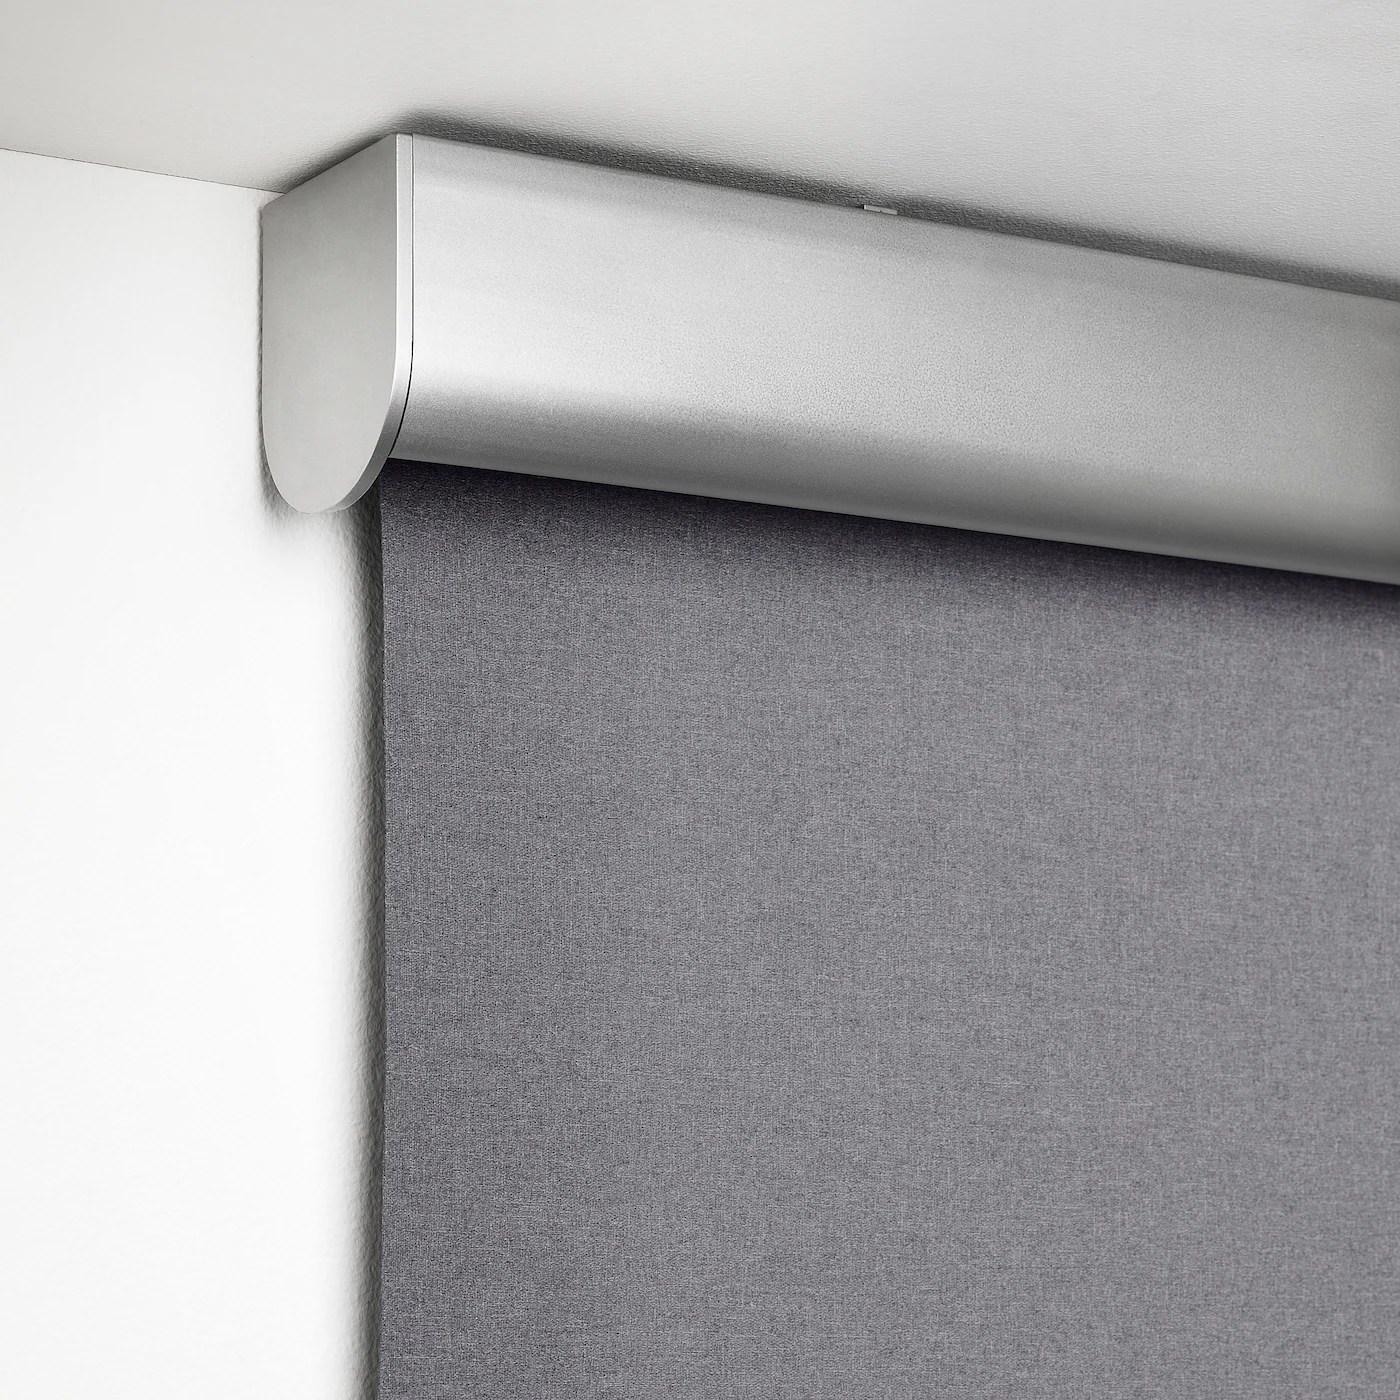 Nuovo tessuto sprint night & day, della collezione passaparola,ideale per ambienti umidi. Tretur Tenda A Rullo Oscurante Grigio Chiaro 120x195 Cm Ikea It